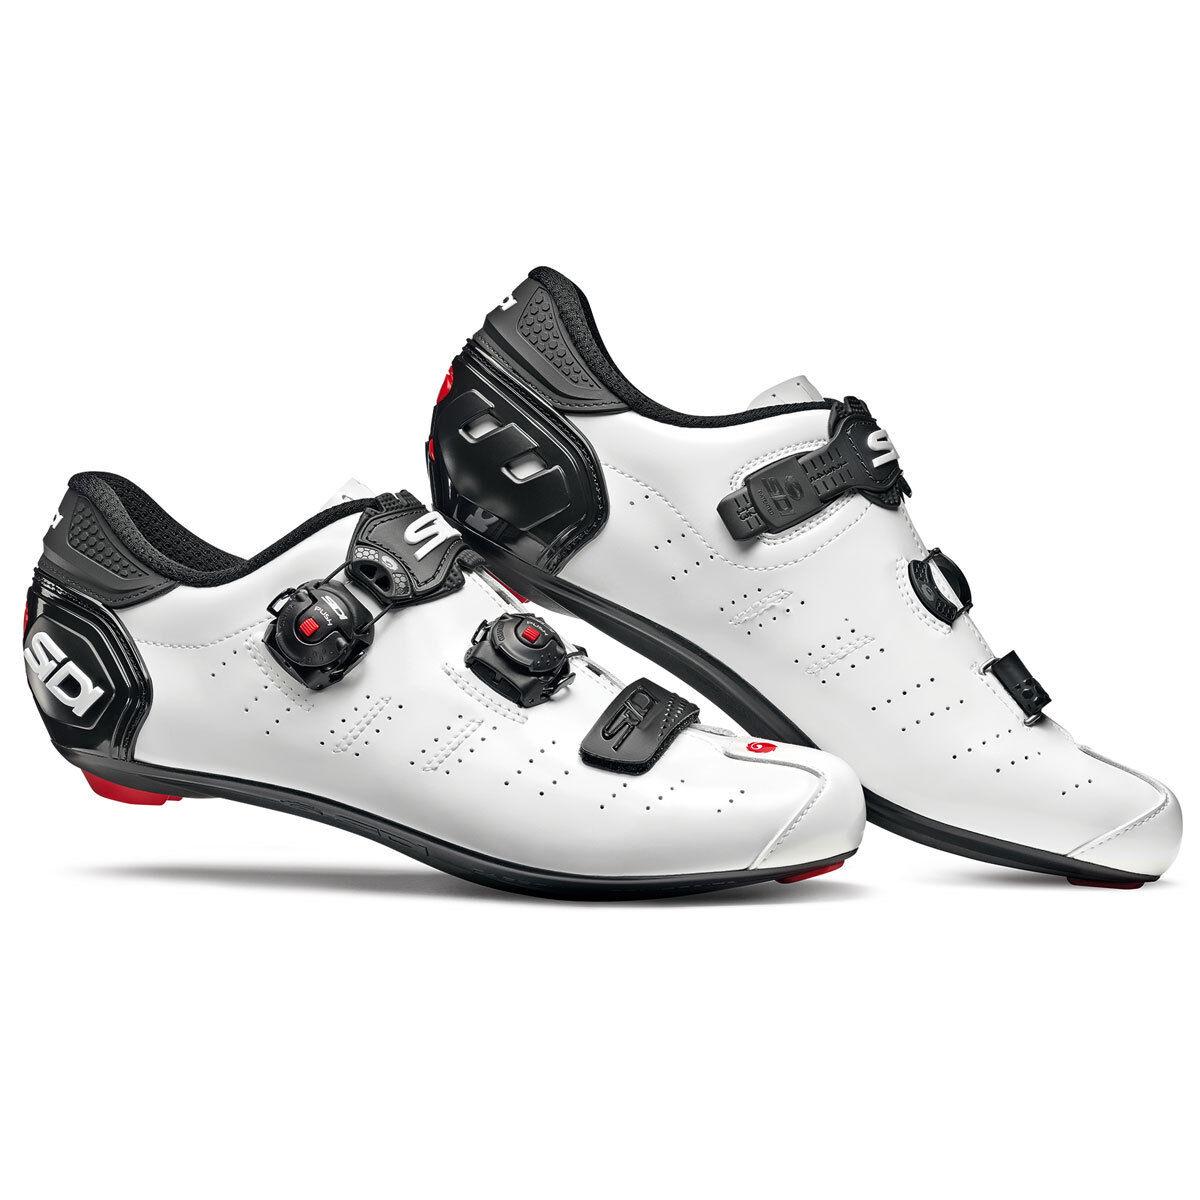 Schuhe SIDI ERGO 5 Größe 45 weiß schwarz